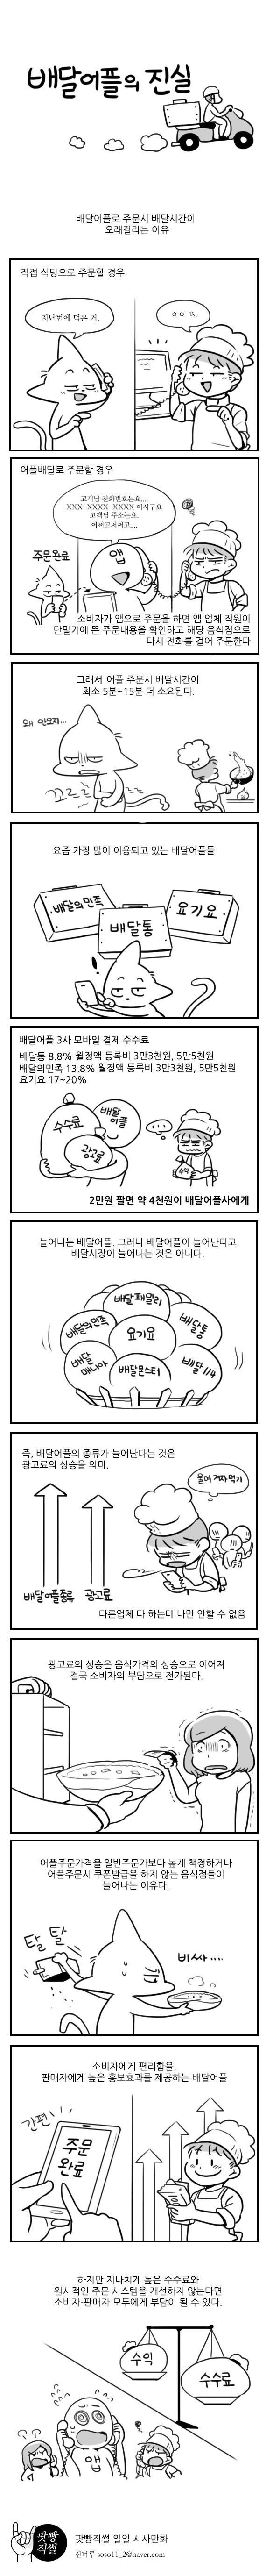 펌/ 음식 배달 어플의 진실